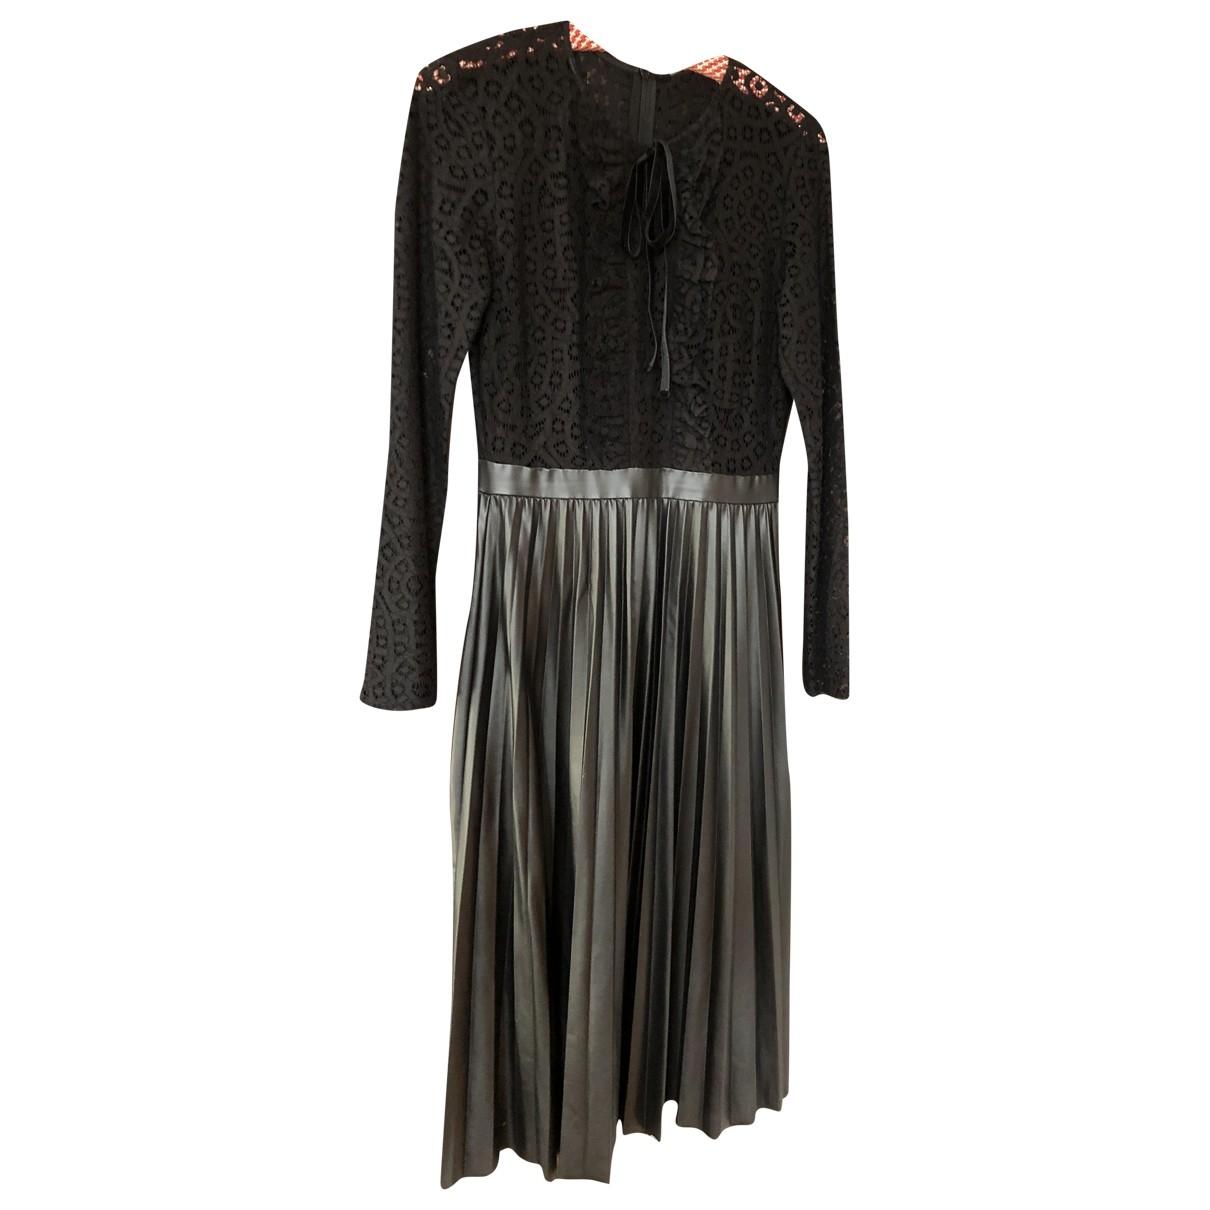 Zara \N Kleid in  Schwarz Lackleder